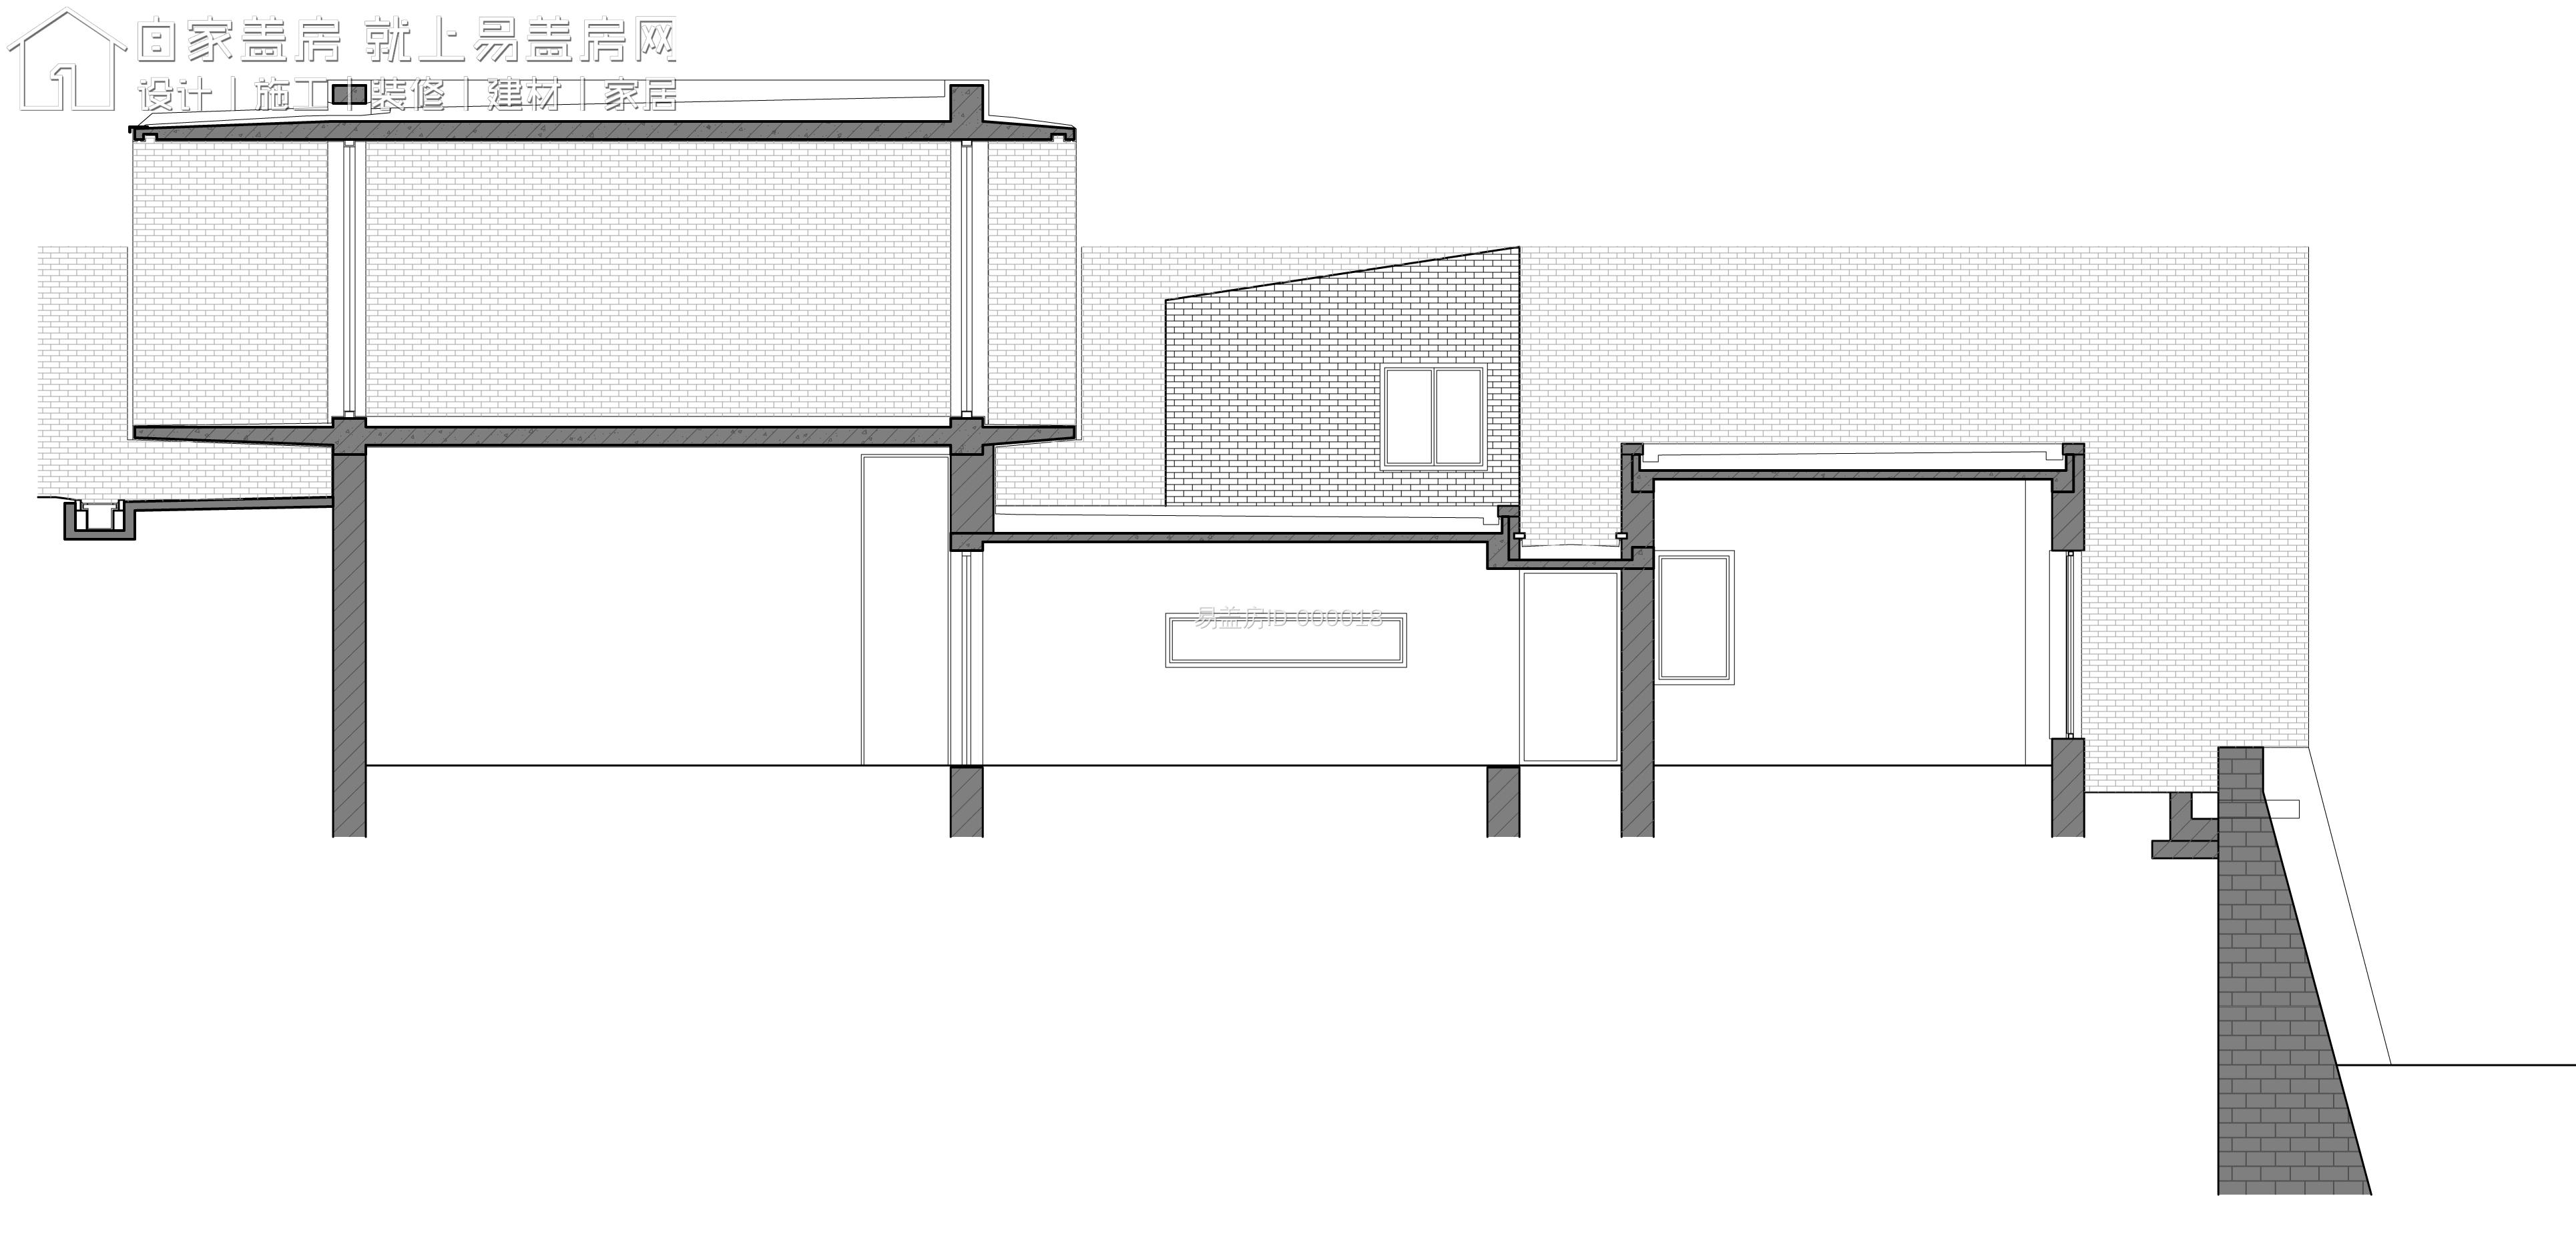 2-2剖面图.jpg